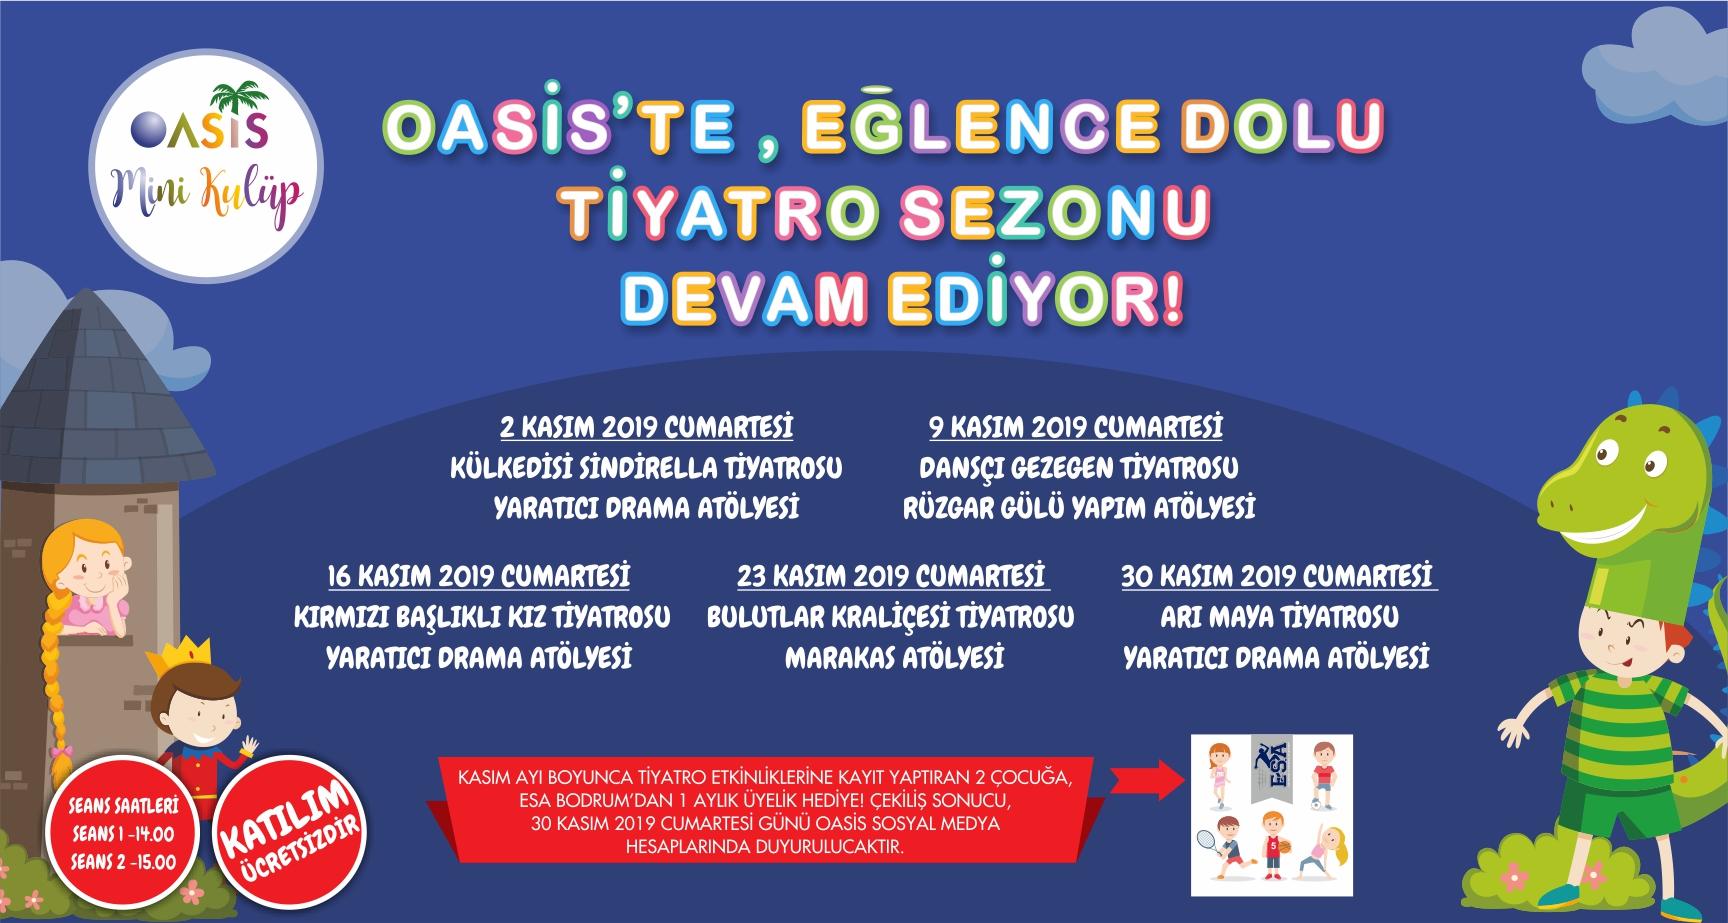 OASİS'TE, EĞLENCE DOLU TİYATRO SEZONU DEVAM EDİYOR!